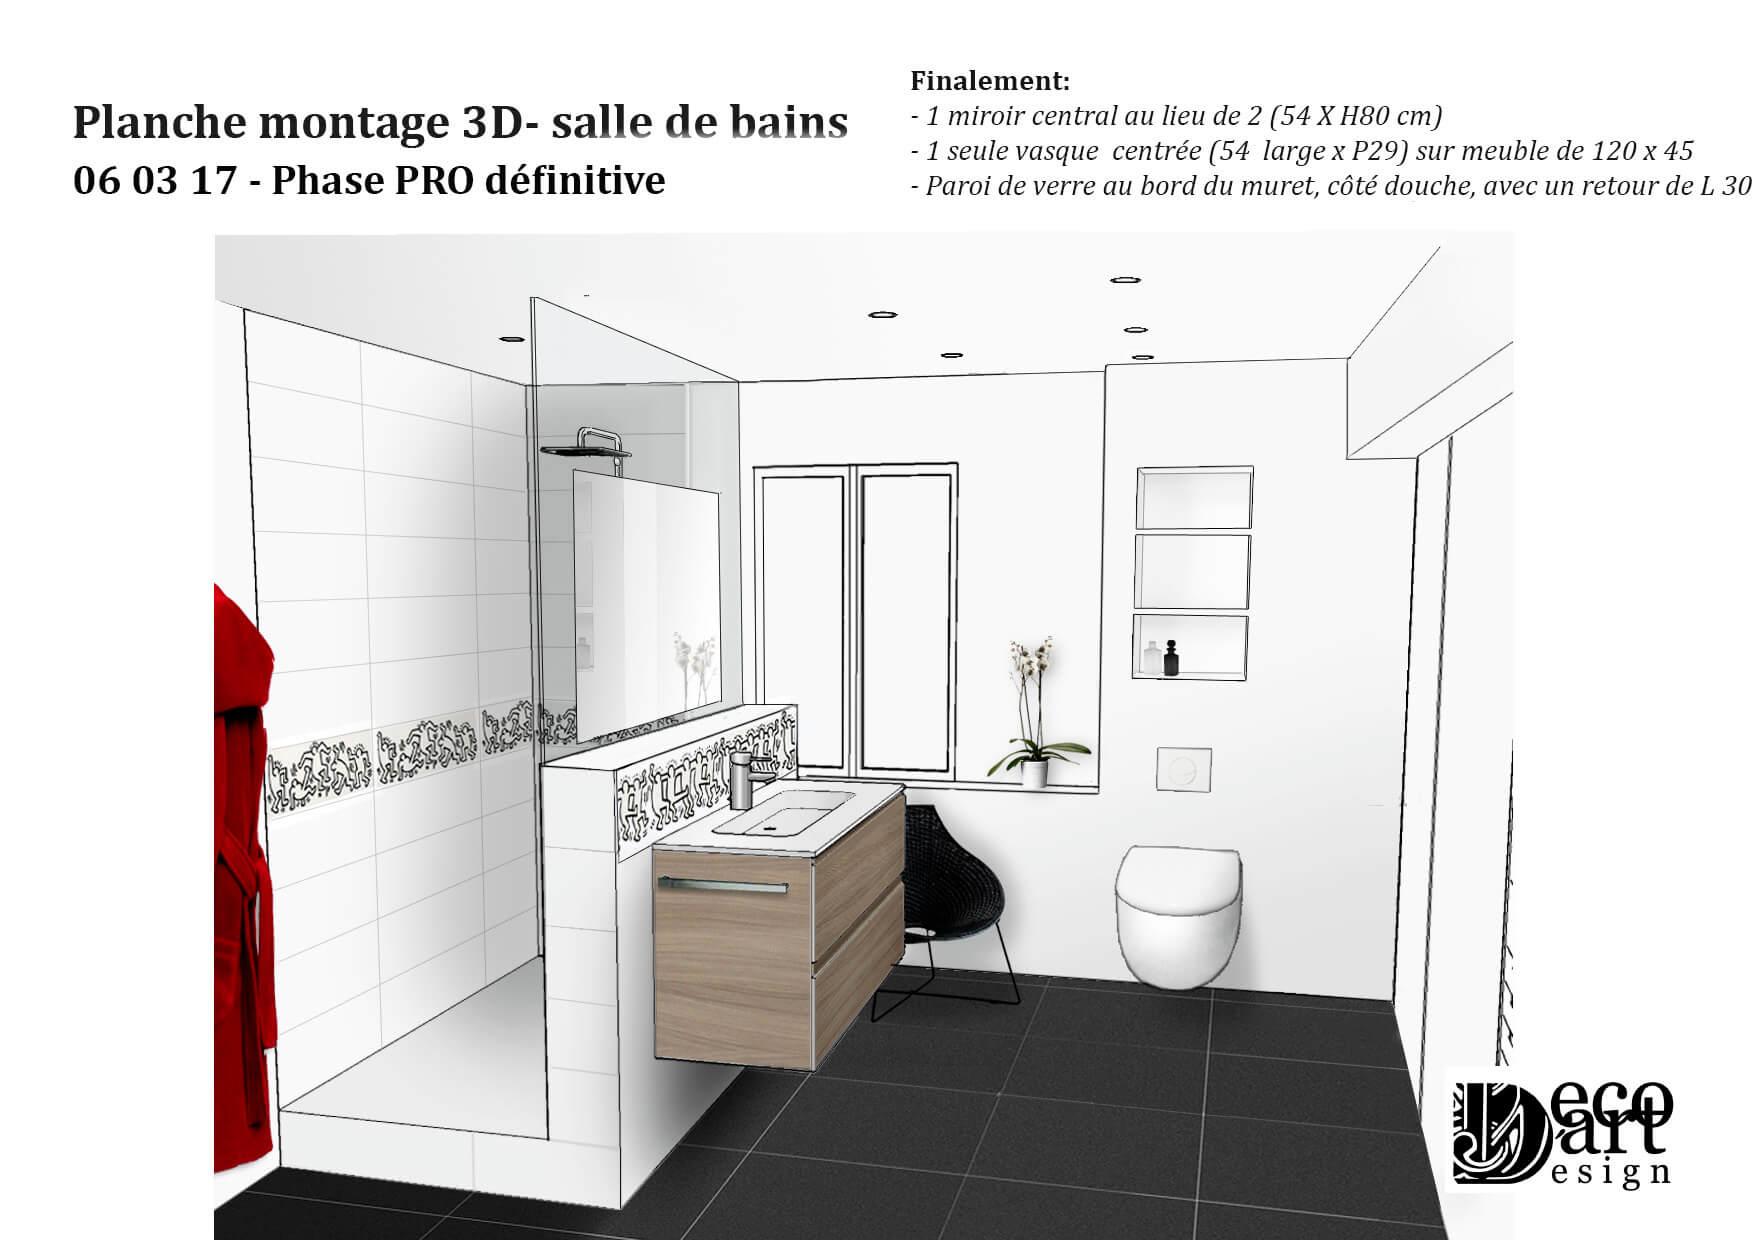 Salles de bains et sanitaires decodart for Projet salle de bain 3d